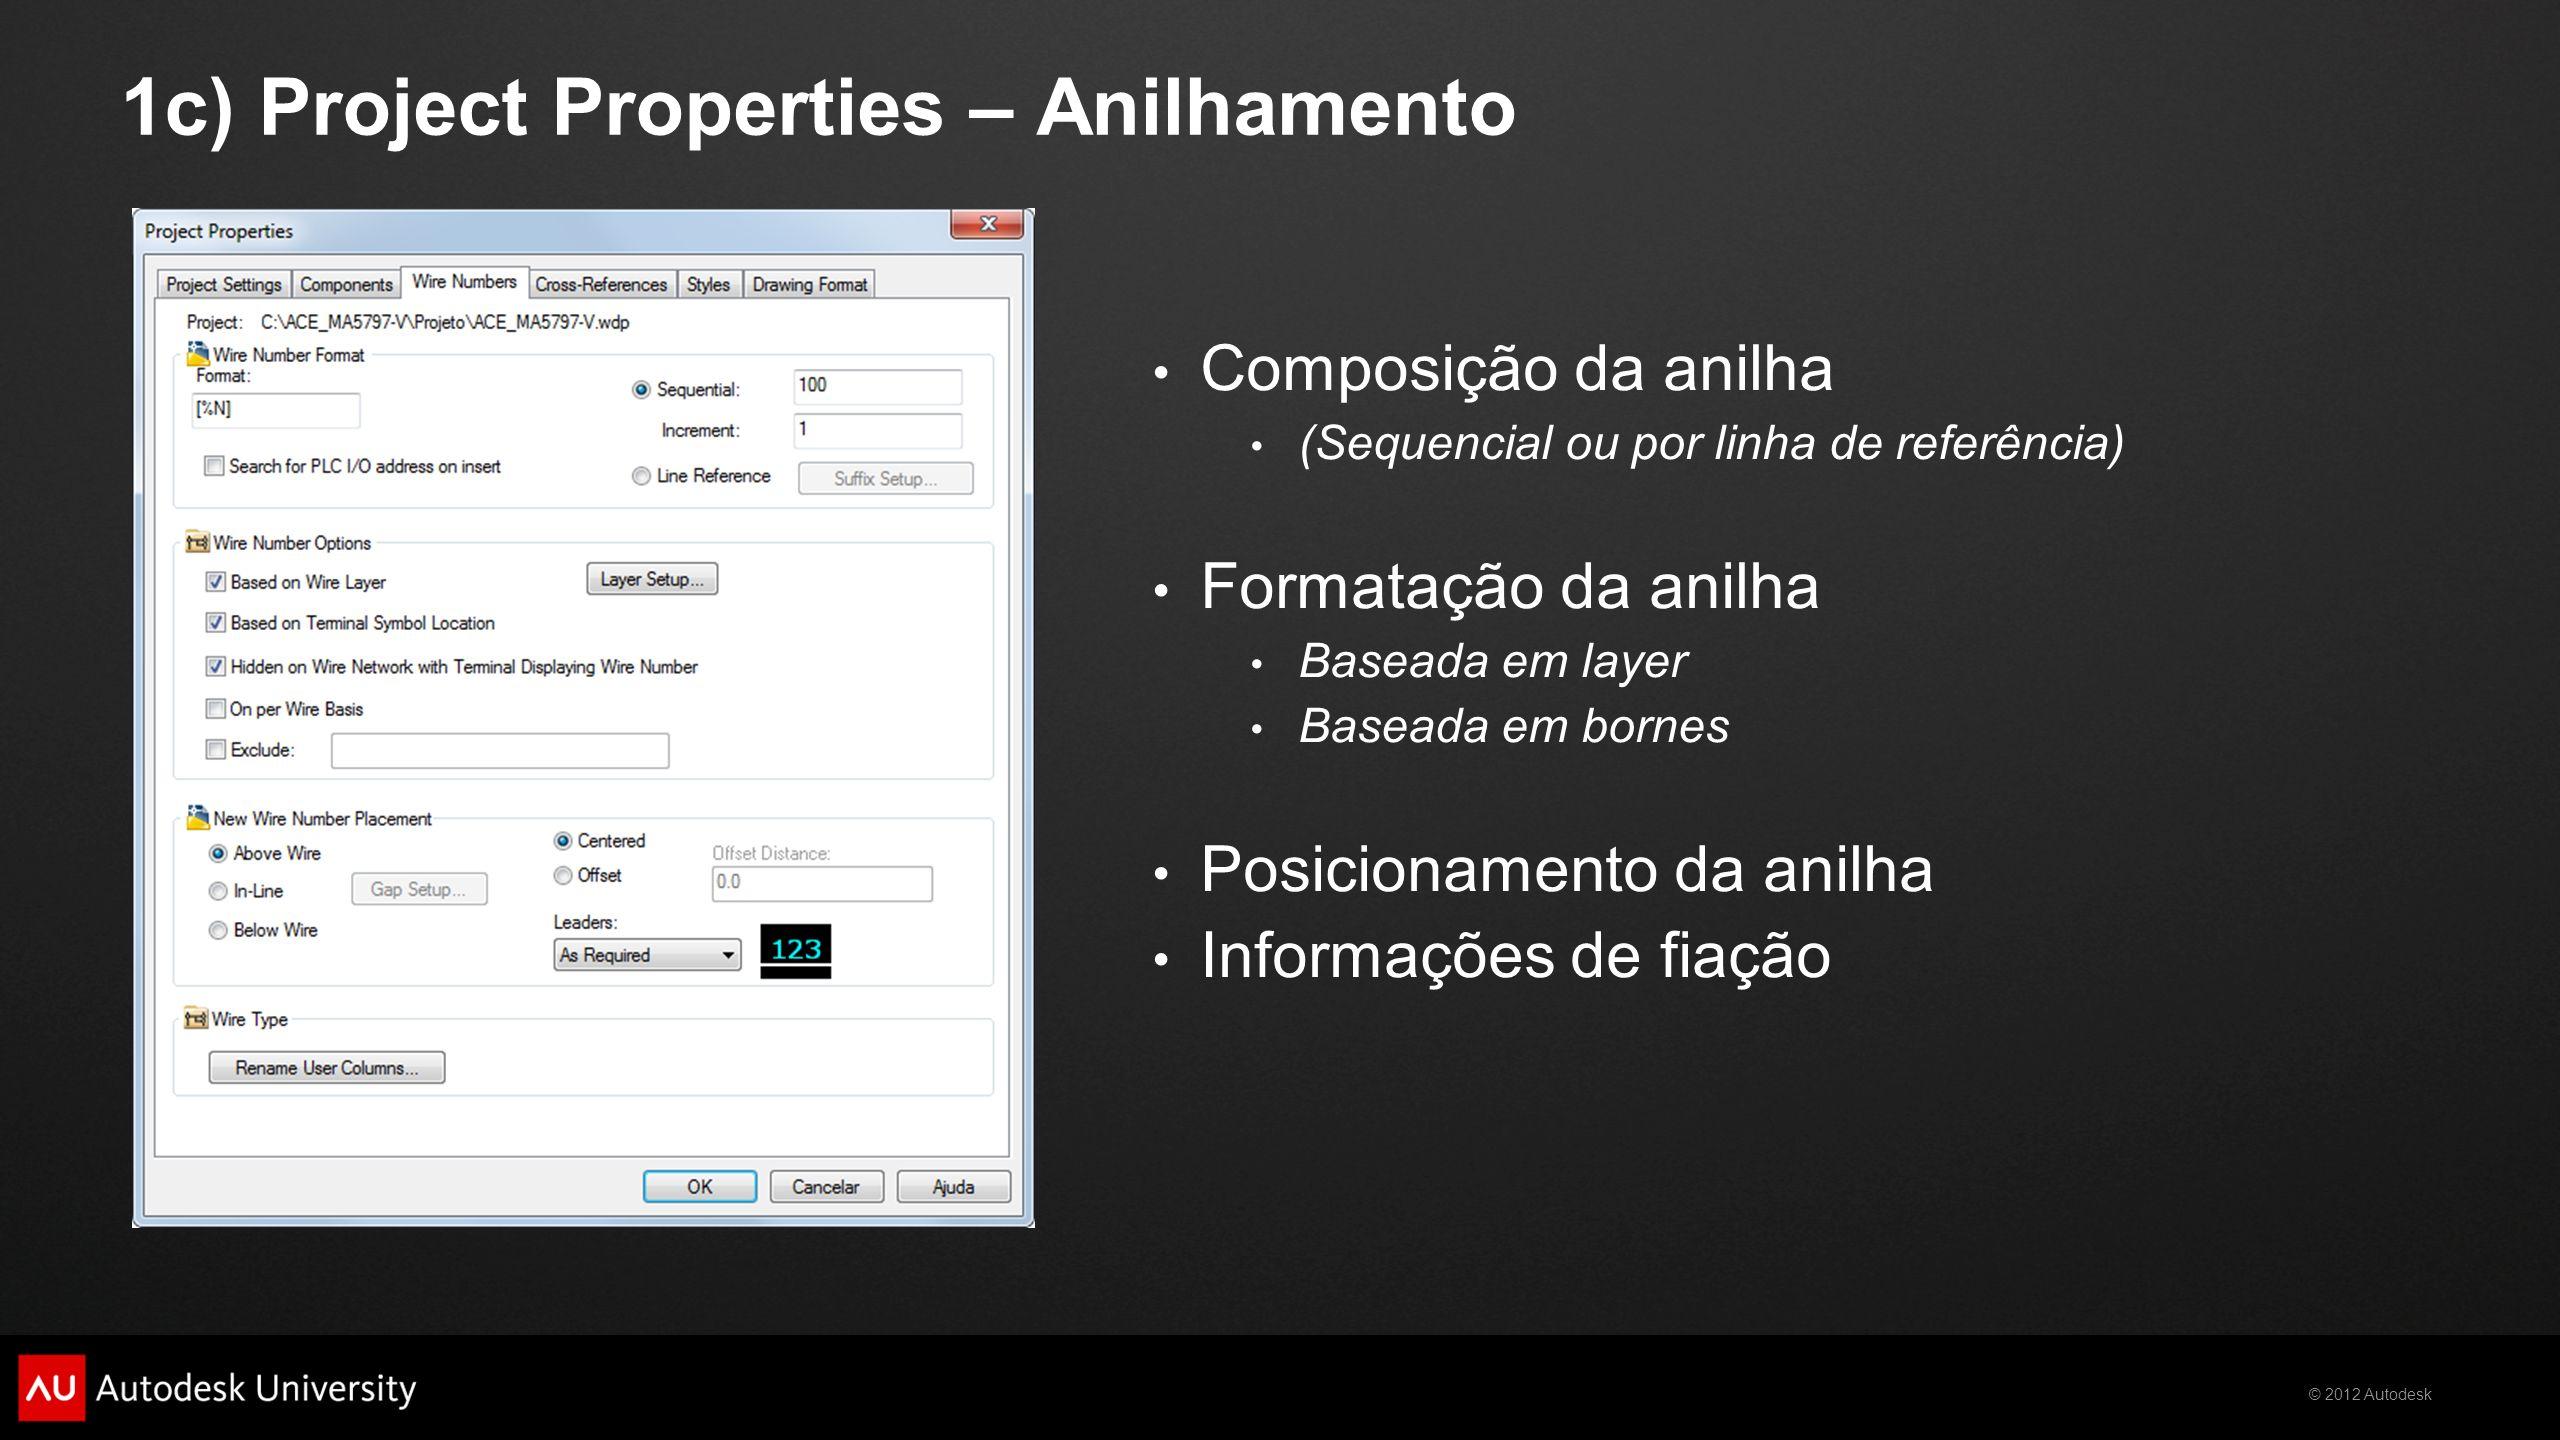 © 2012 Autodesk 1c) Project Properties – Anilhamento Composição da anilha (Sequencial ou por linha de referência) Formatação da anilha Baseada em laye